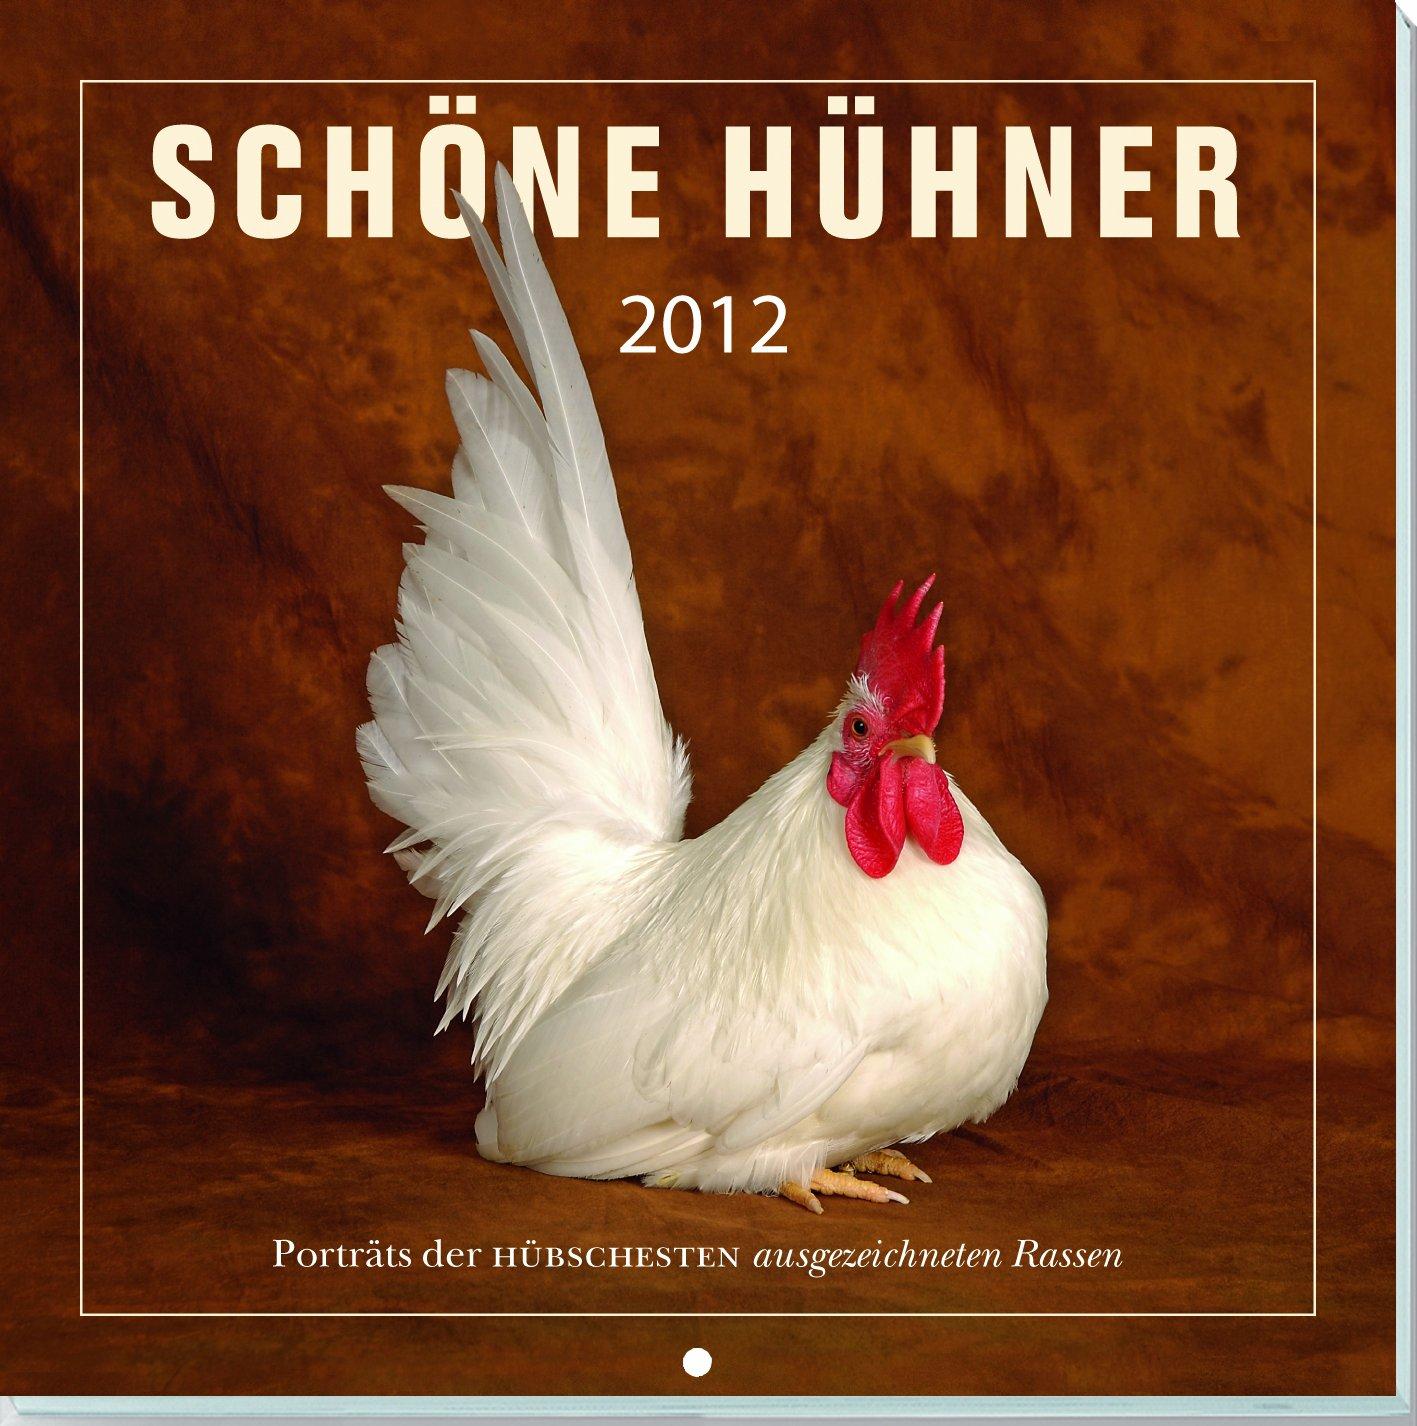 Schöne Hühner 2012